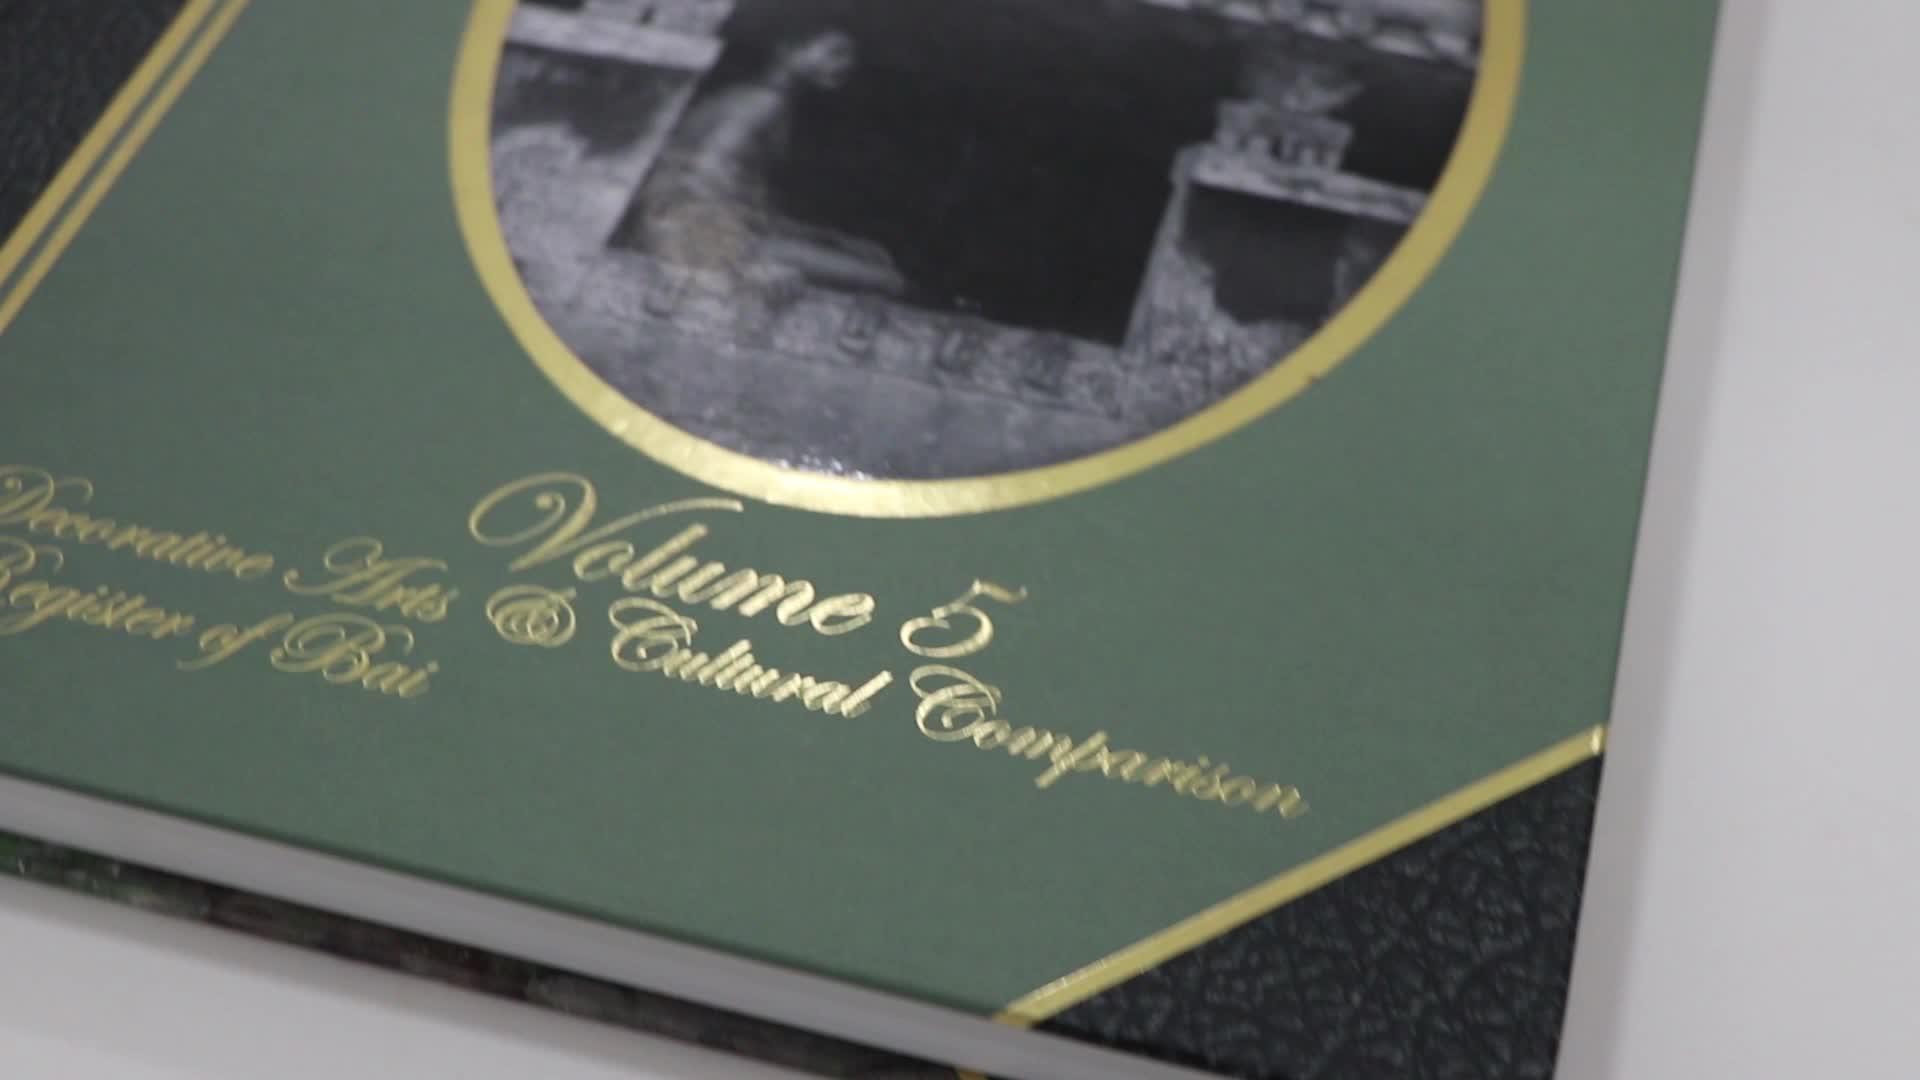 Özel Ciltli Kitap ofset baskı şirketi bölüm dikilmiş yuvarlak omurga ve ipek kurdele ile kitap kitaplar baskı hizmetleri Çin